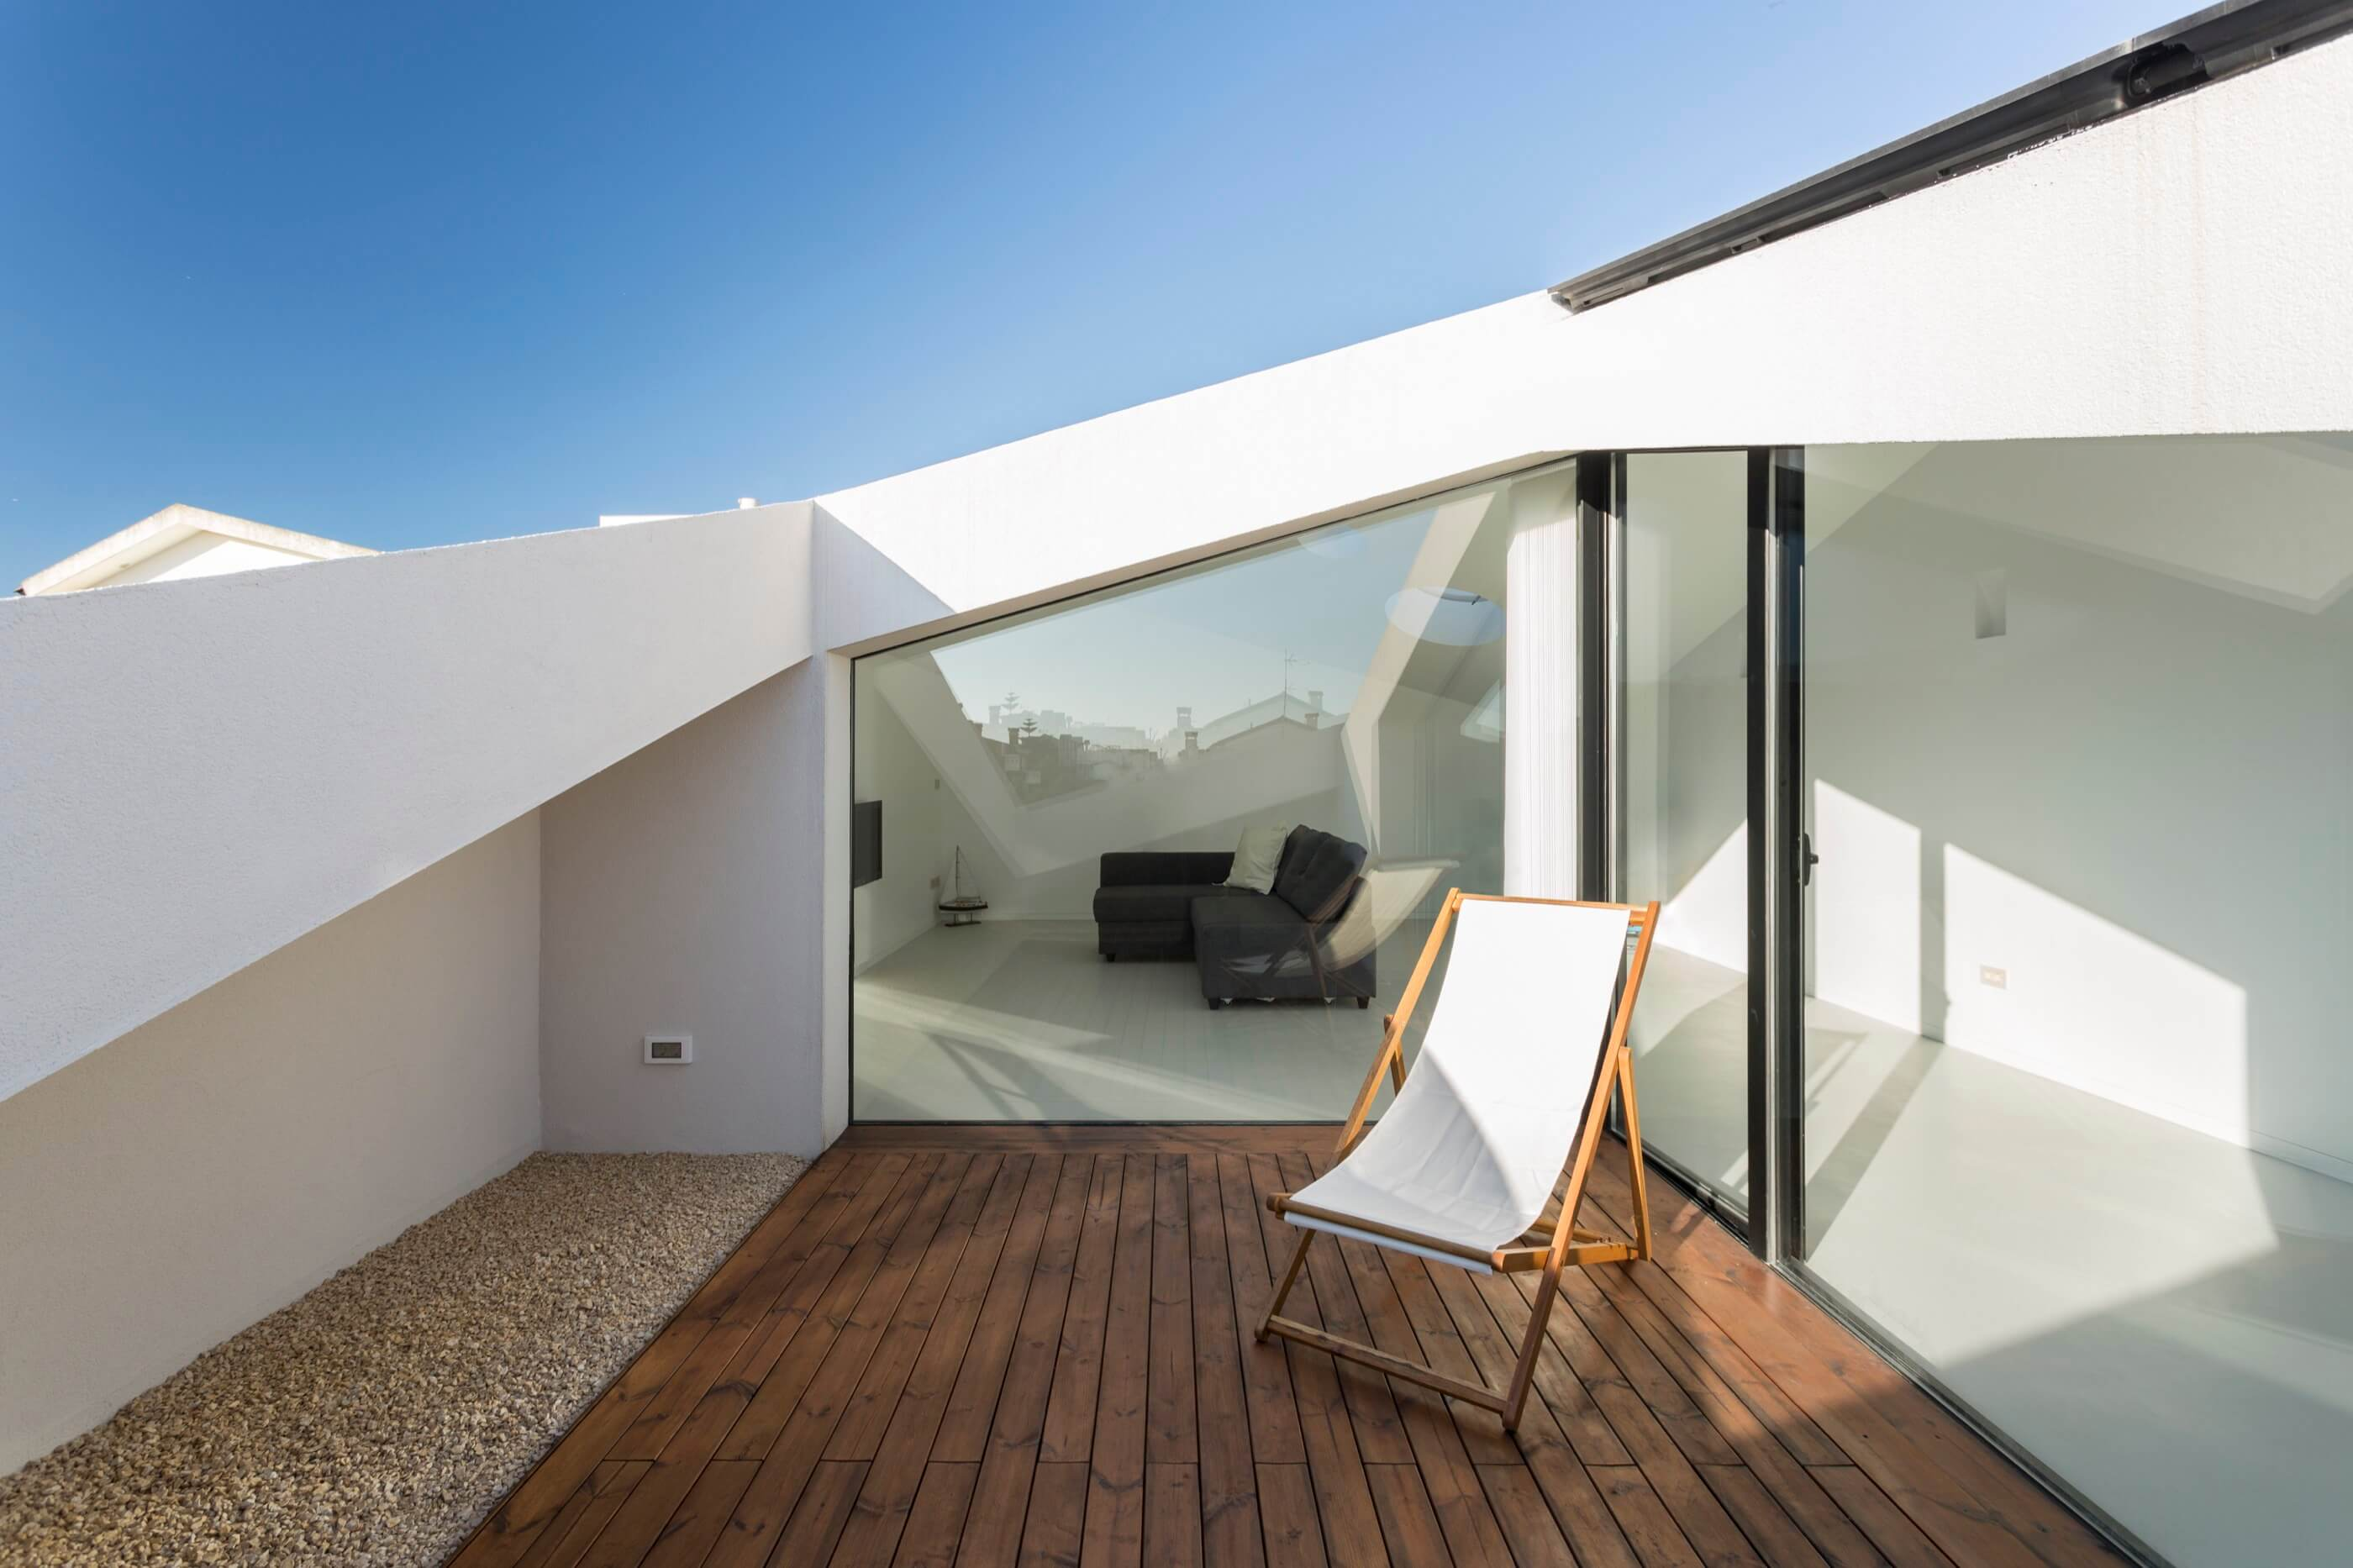 Arquitecto Lousinha Casa Fontes 35 do fotografo Ivo Tavares Studio